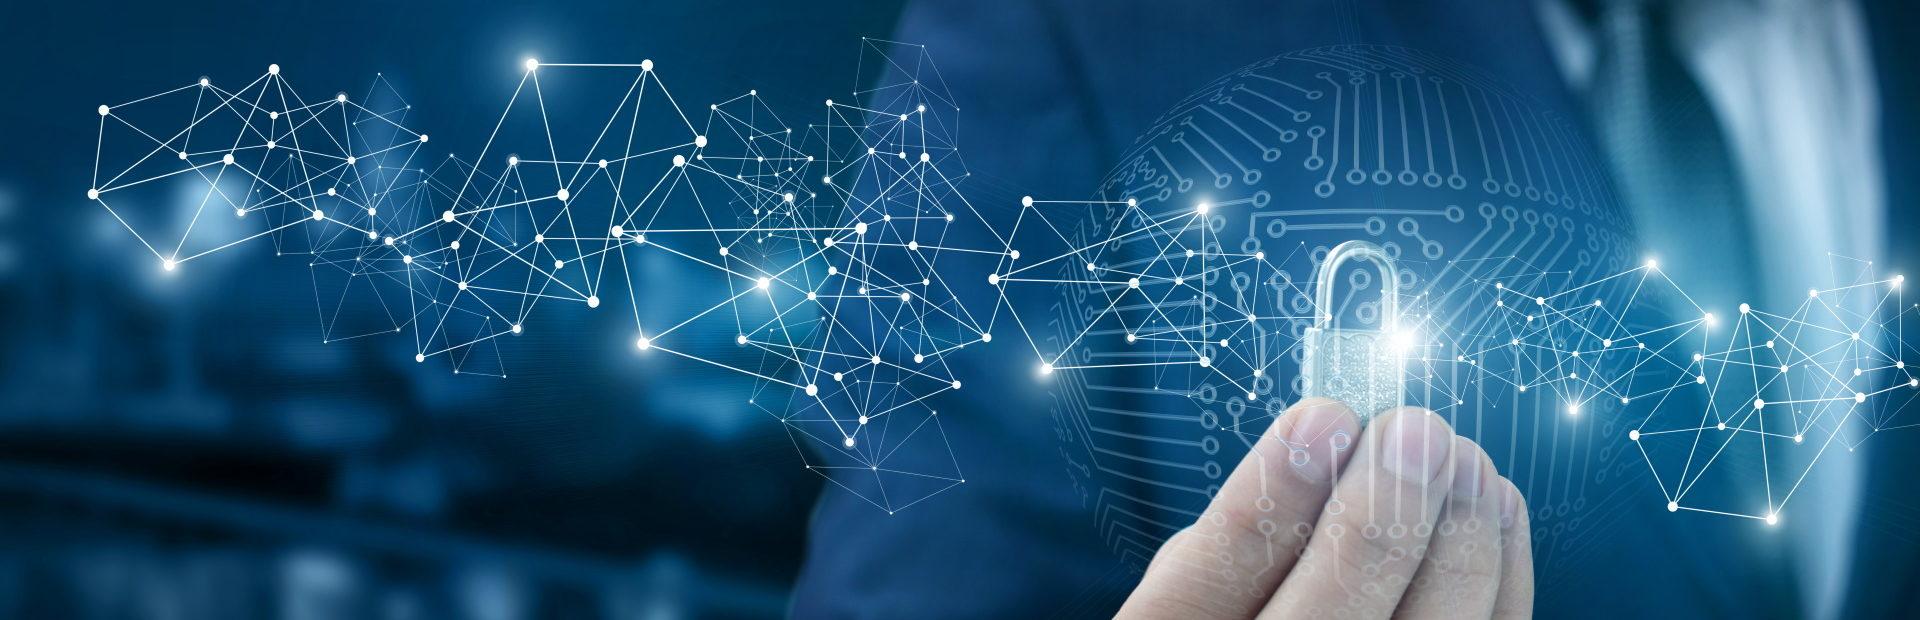 Datenschutz-im-medizinischen-bereich